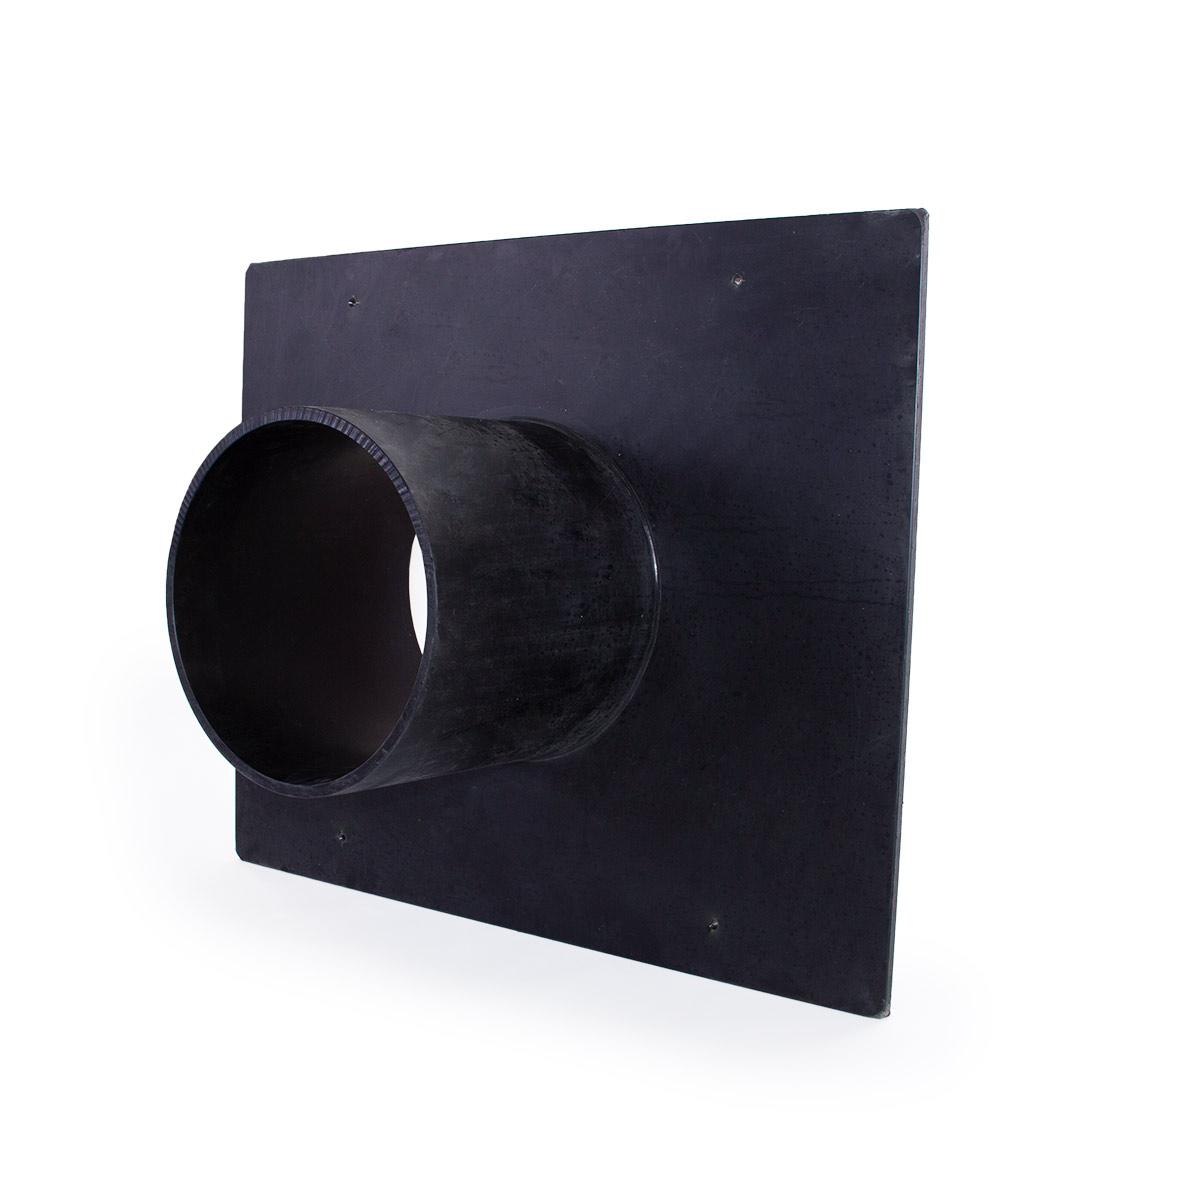 Adapterplatte zu Rigole EcoBloc 420